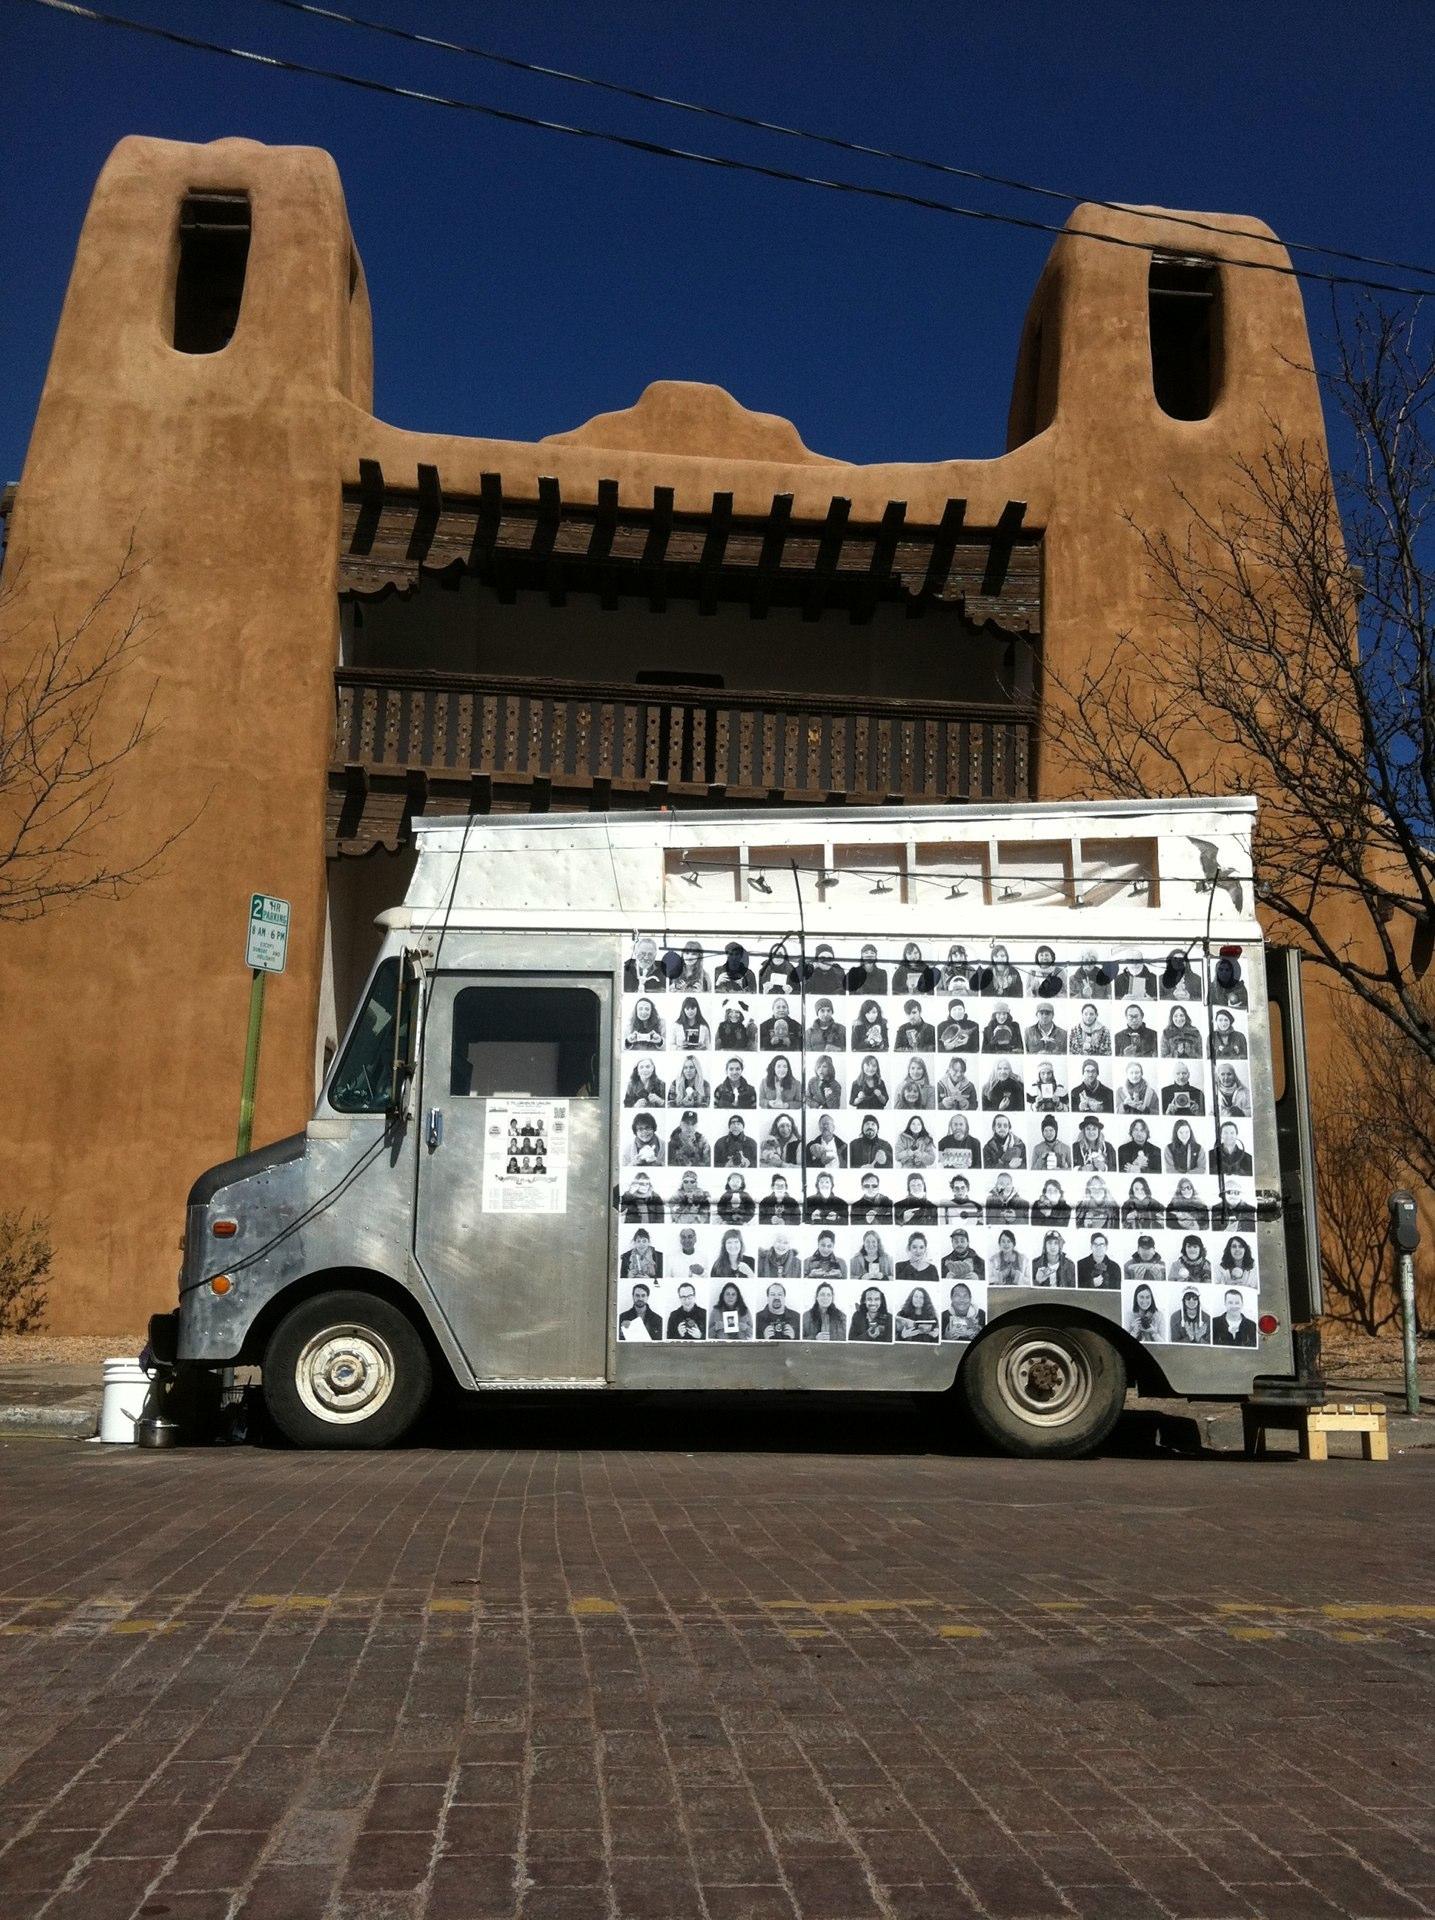 E Pluribus Unum: Santa Fe